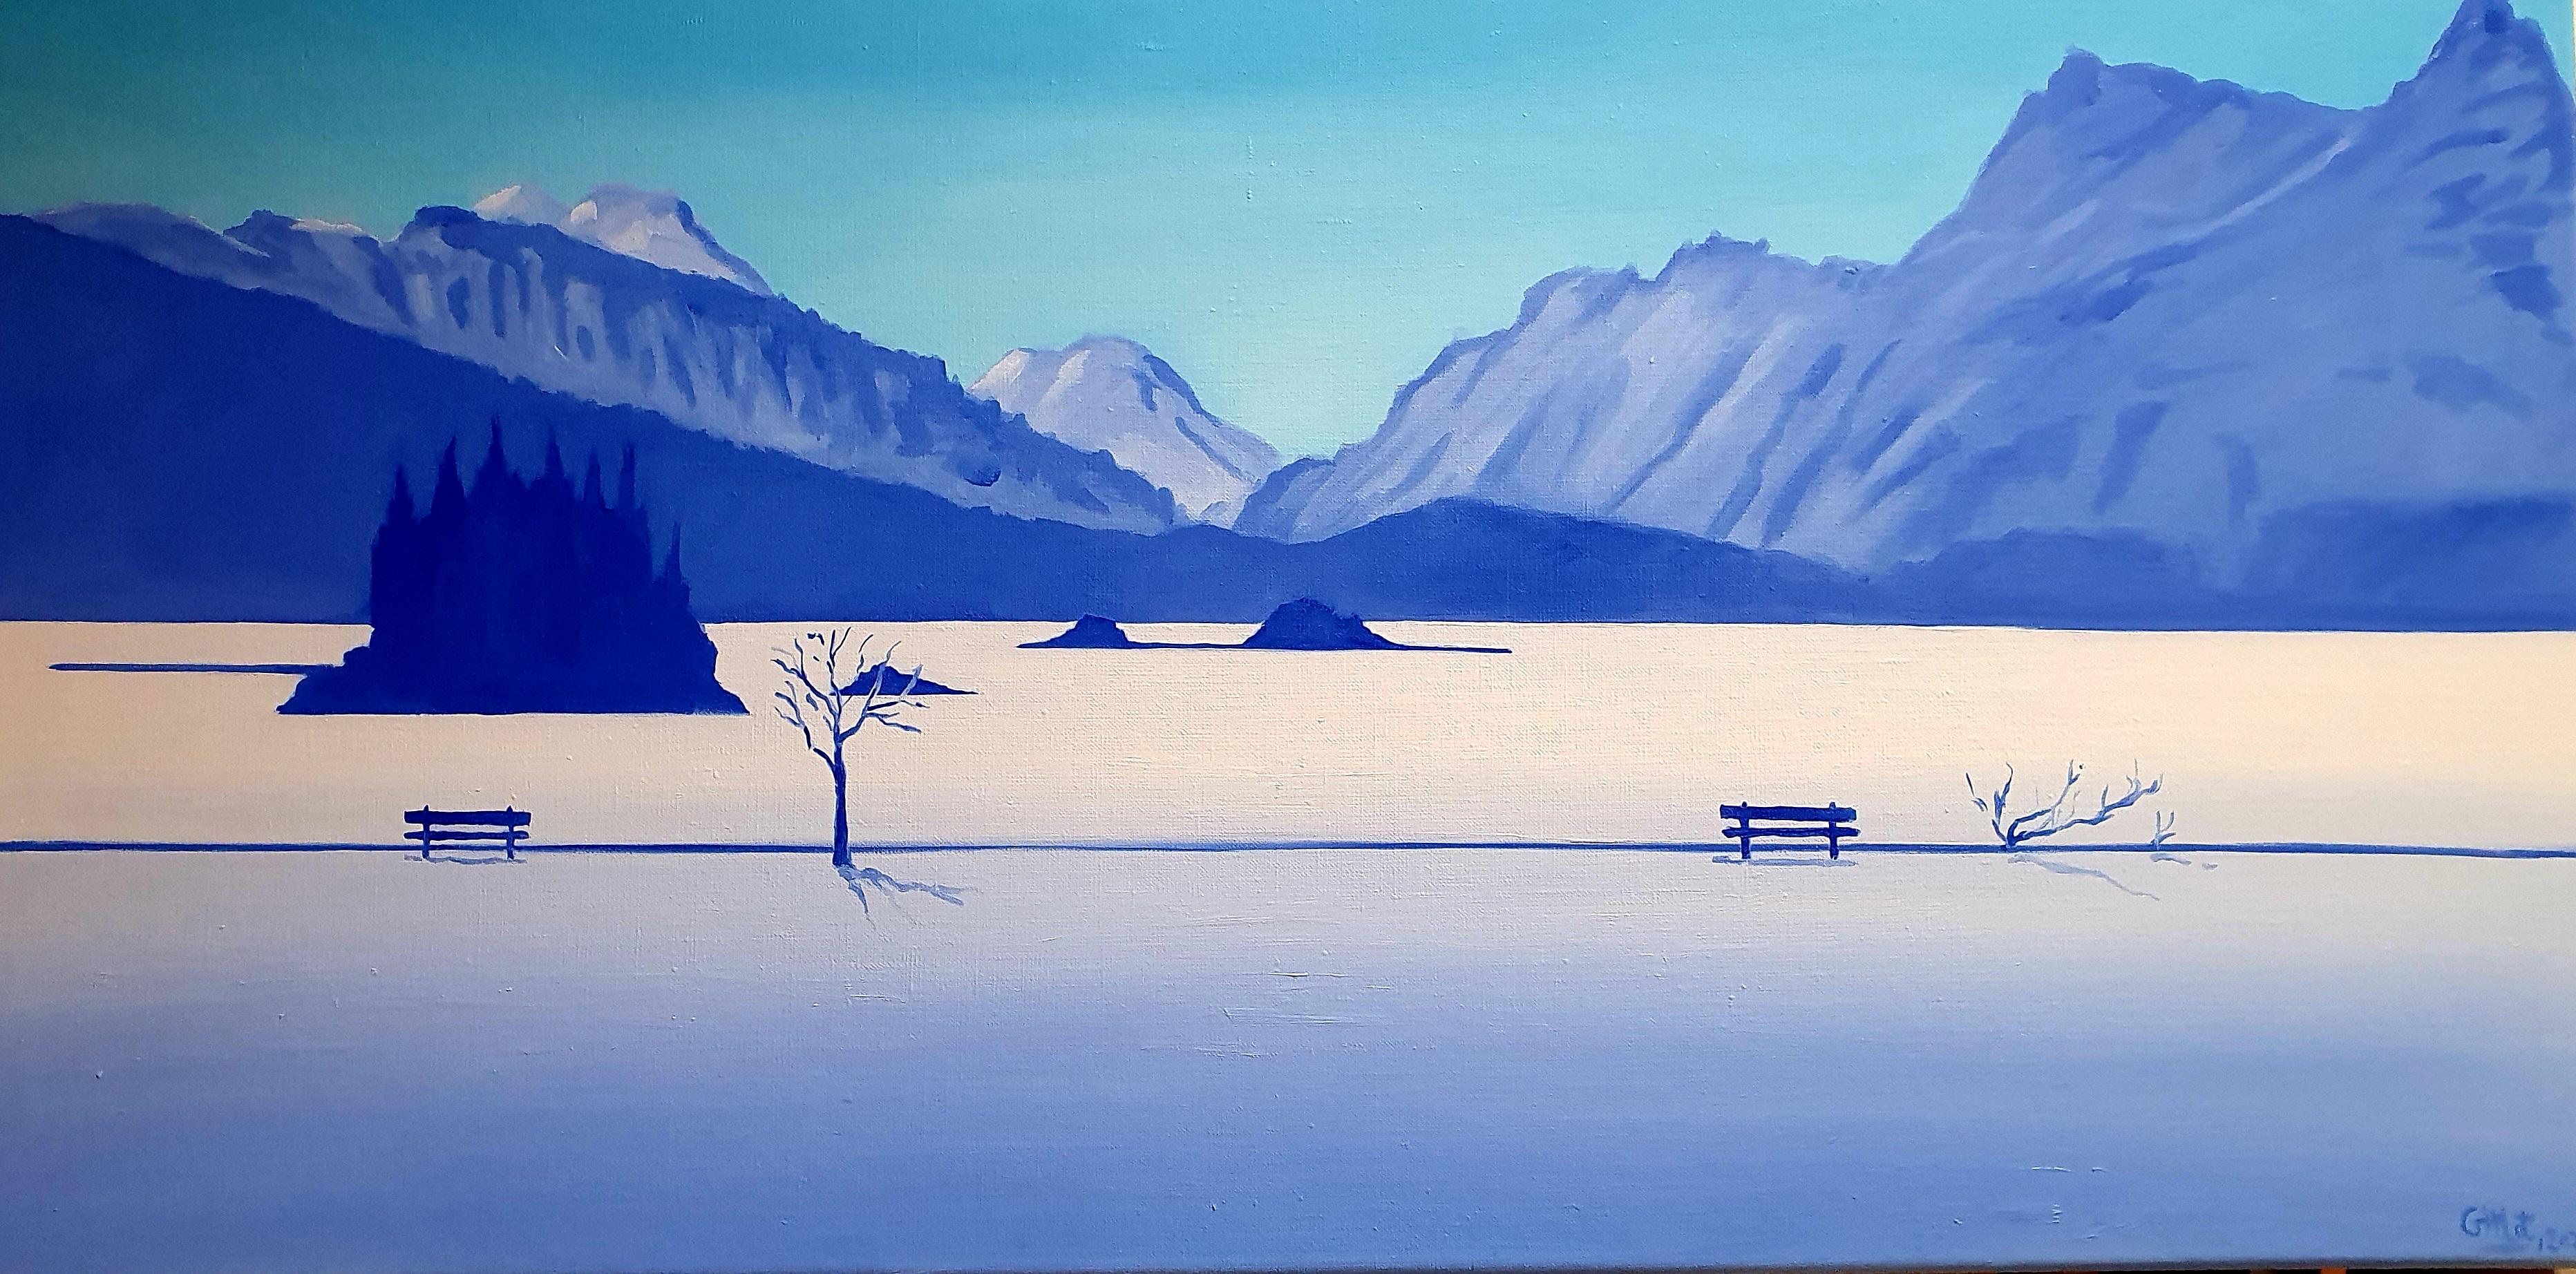 Isola en bleu